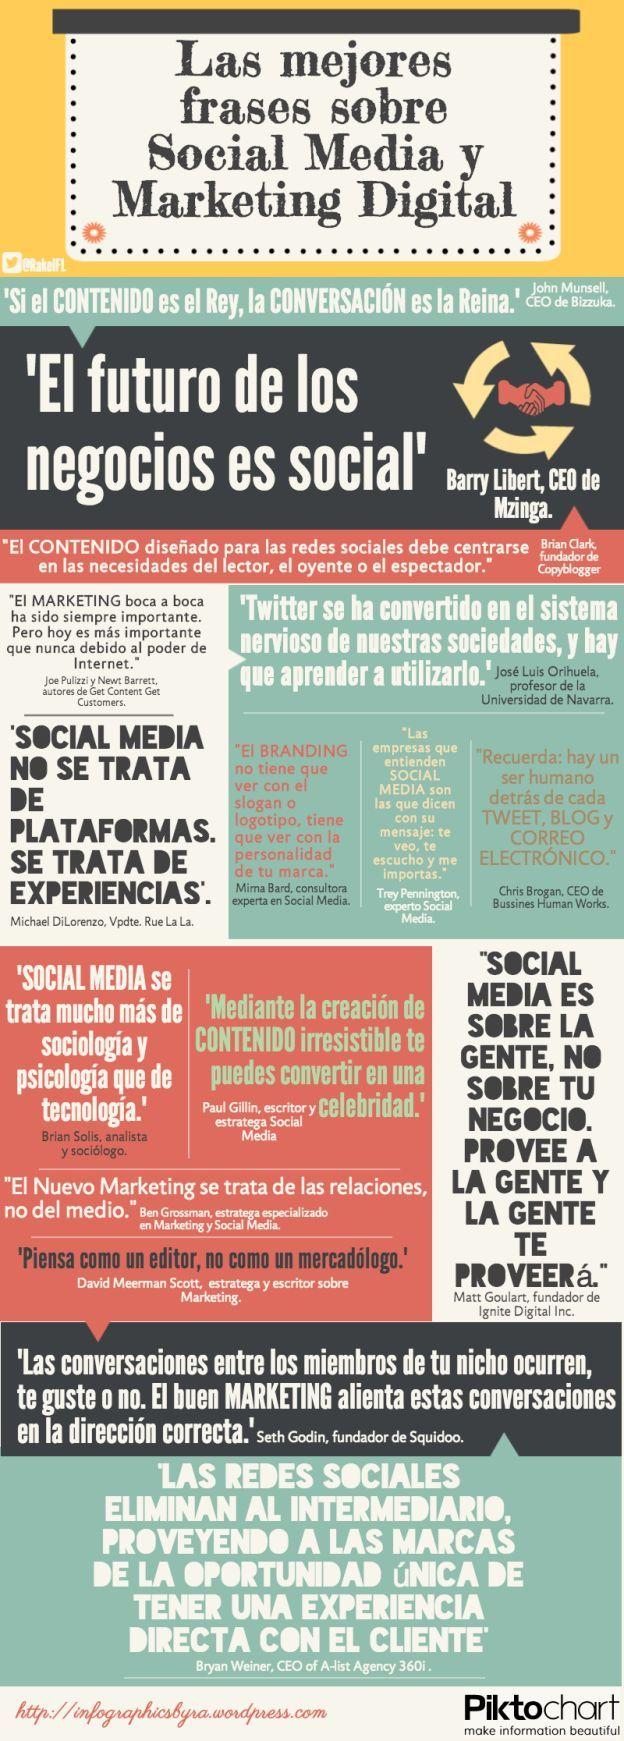 Las 16 mejores frases sobre Social Media [Infografía]